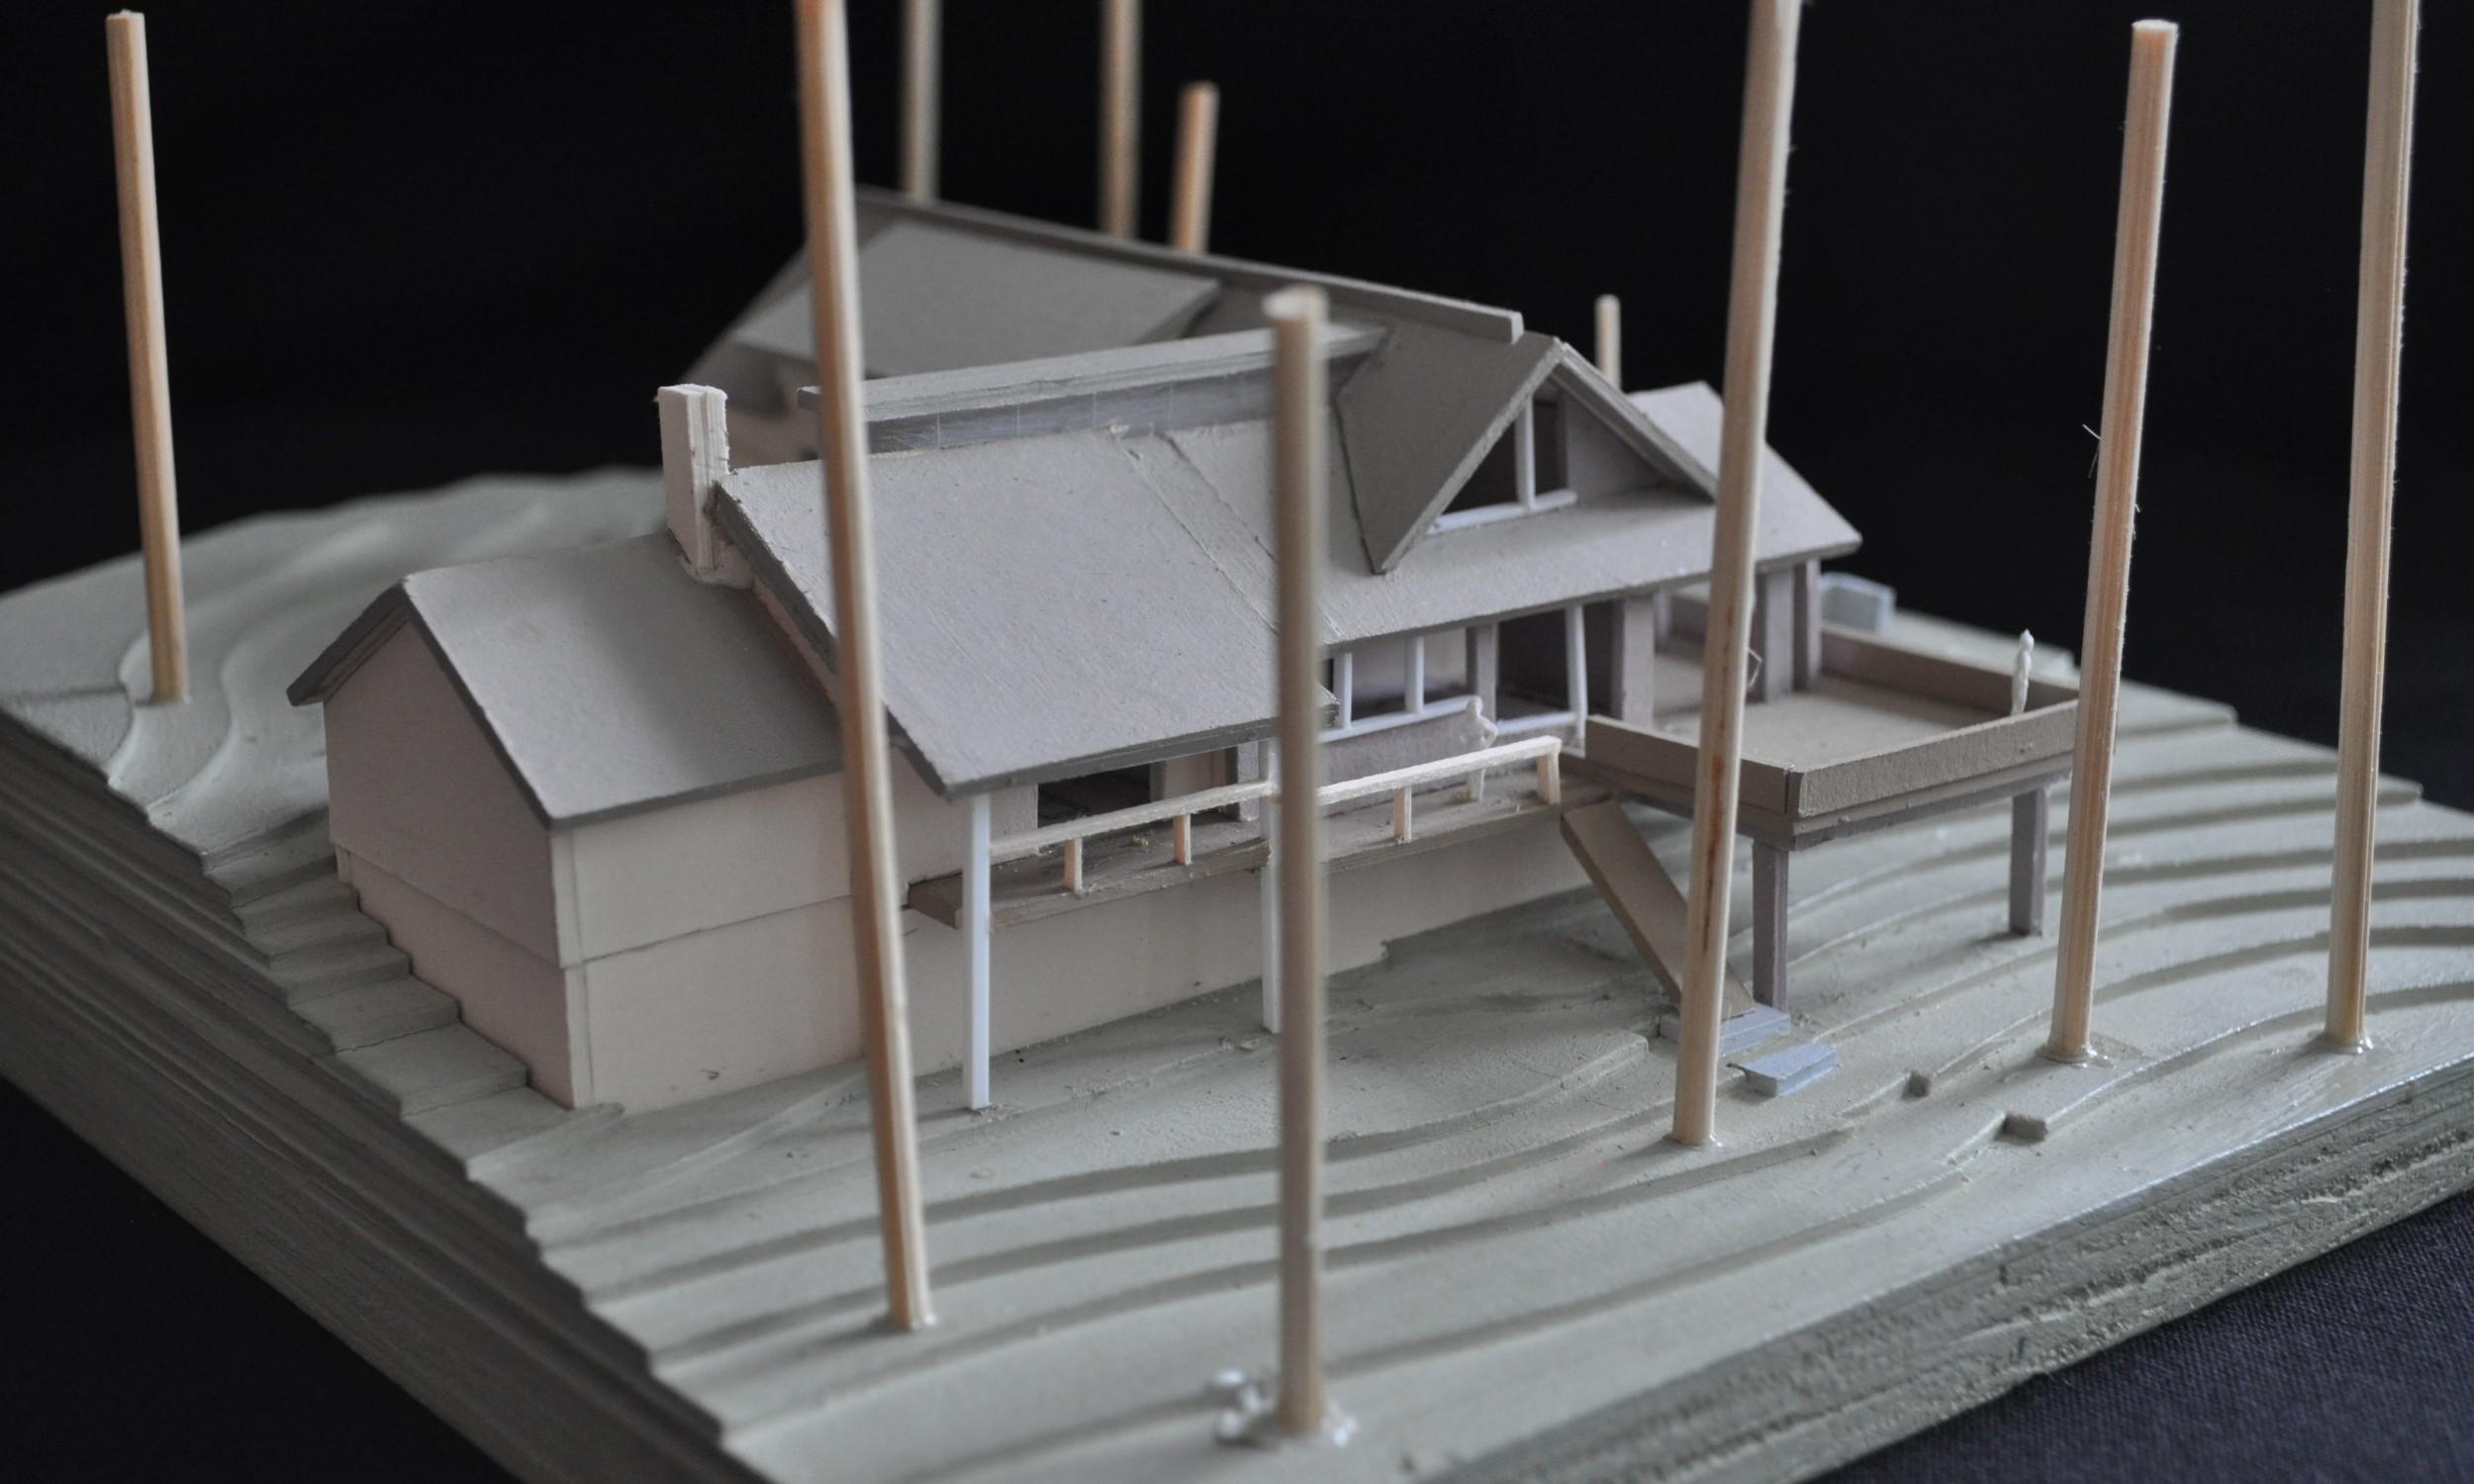 Maine Architect, Design Model, Thomas Pond, Lake front house